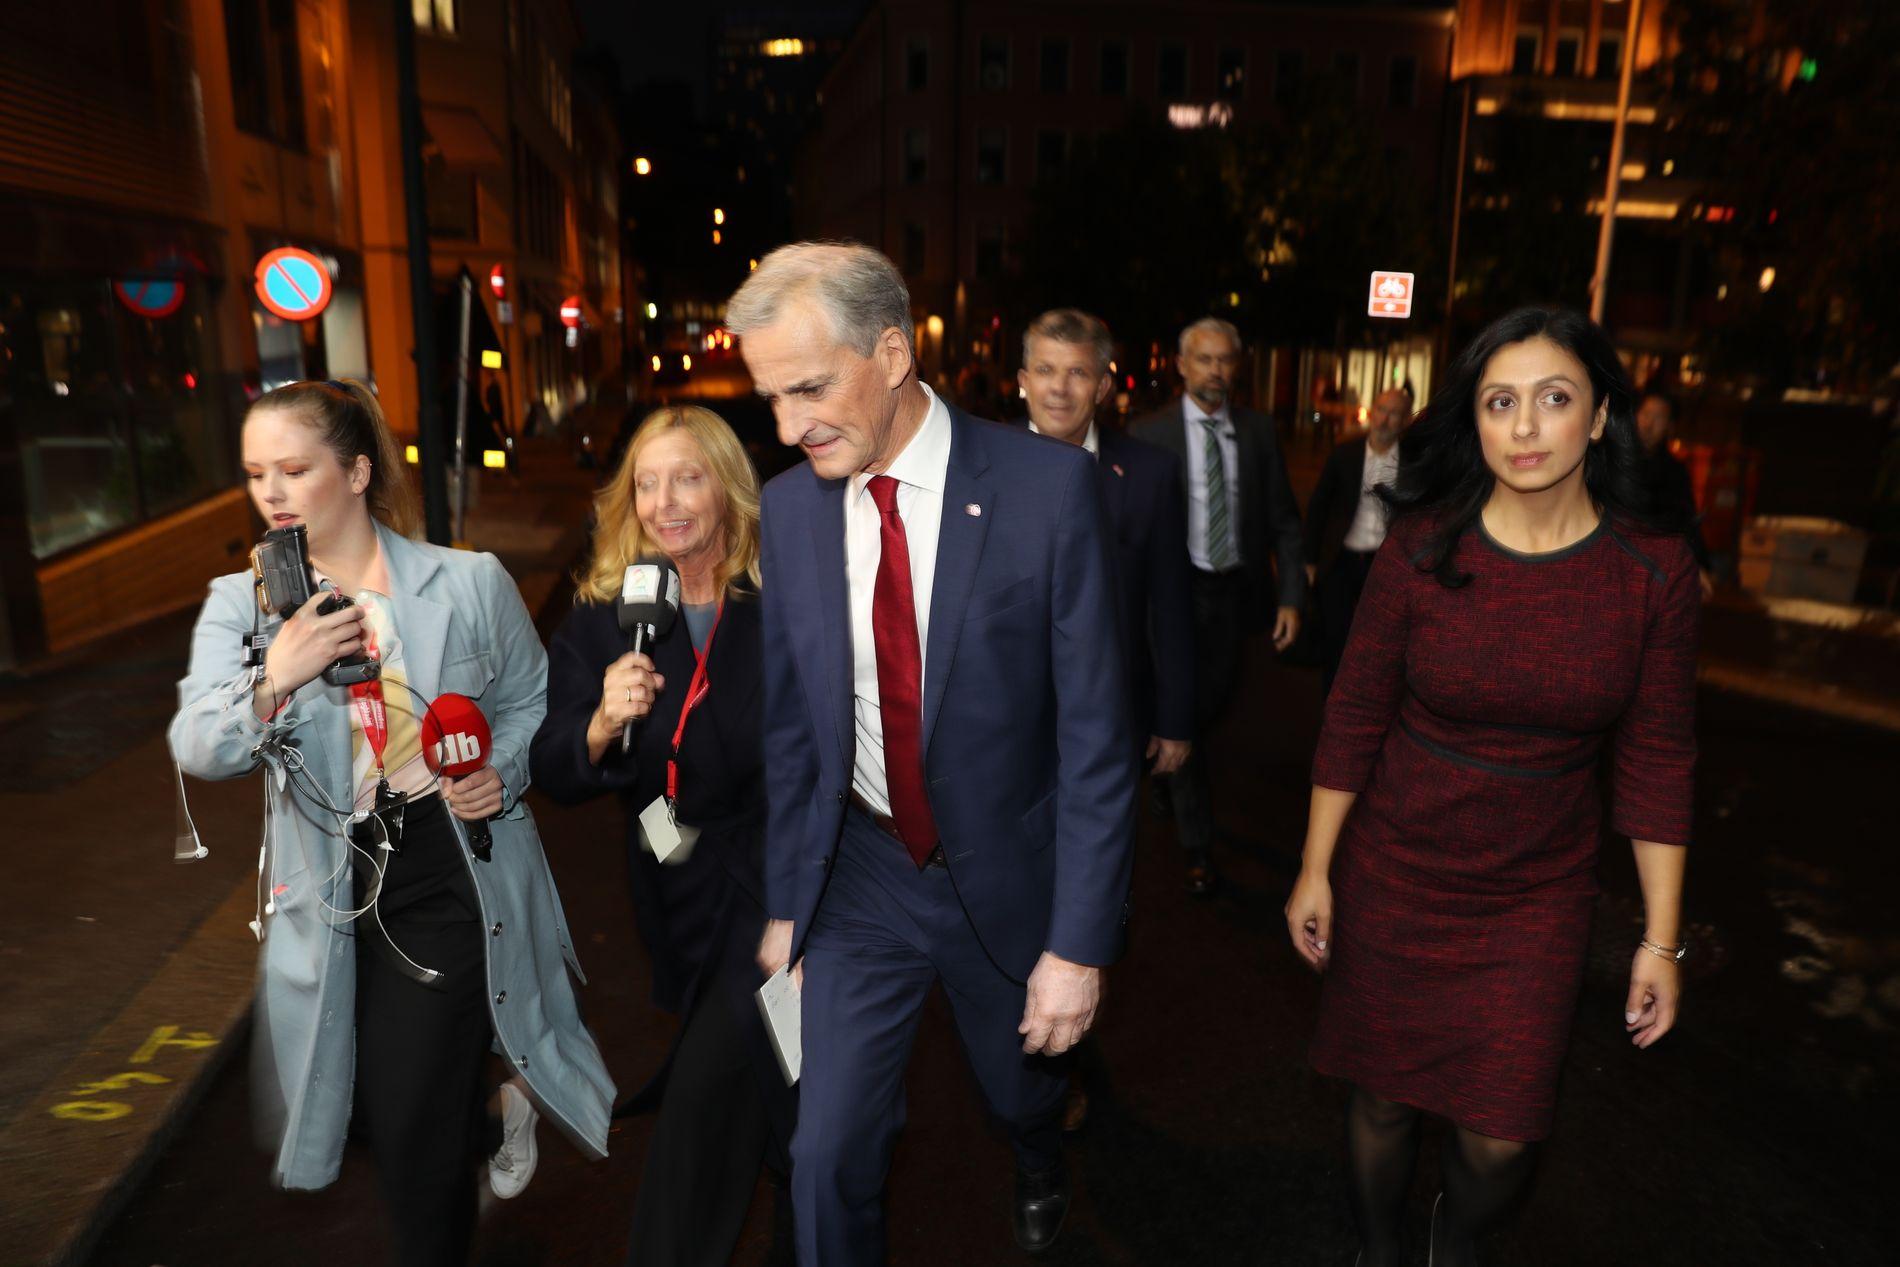 PÅ VEI TIL VALGVAKE: Ap-leder Jonas Gahr Støre og nestleder Hadia Tajik på vei inn til partiets valgvake mandag kveld.